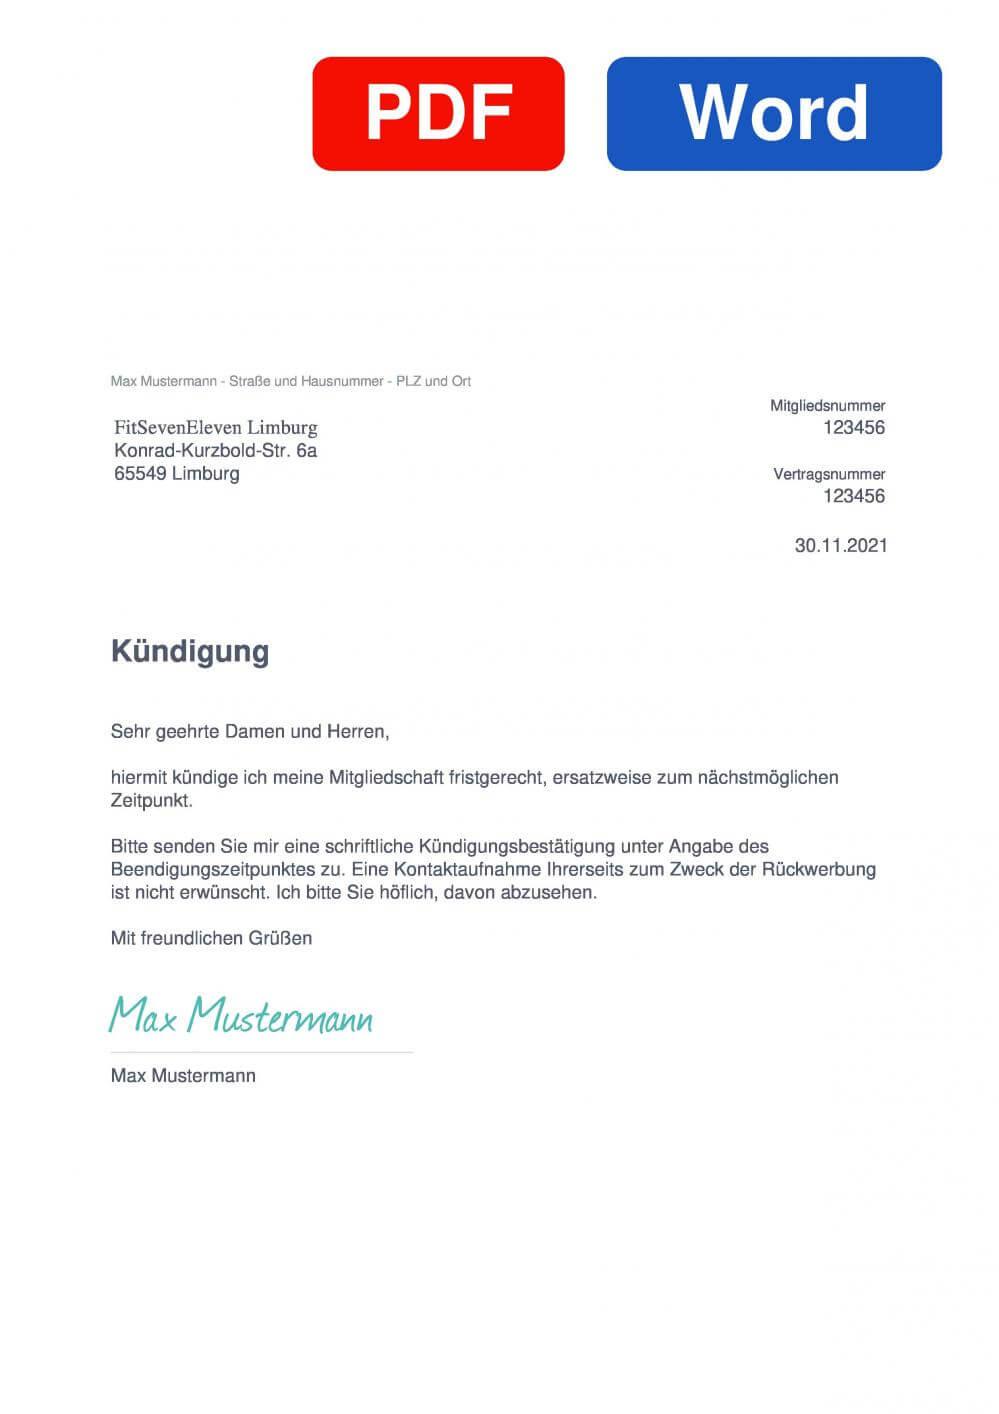 FITSEVENELEVEN Limburg Muster Vorlage für Kündigungsschreiben